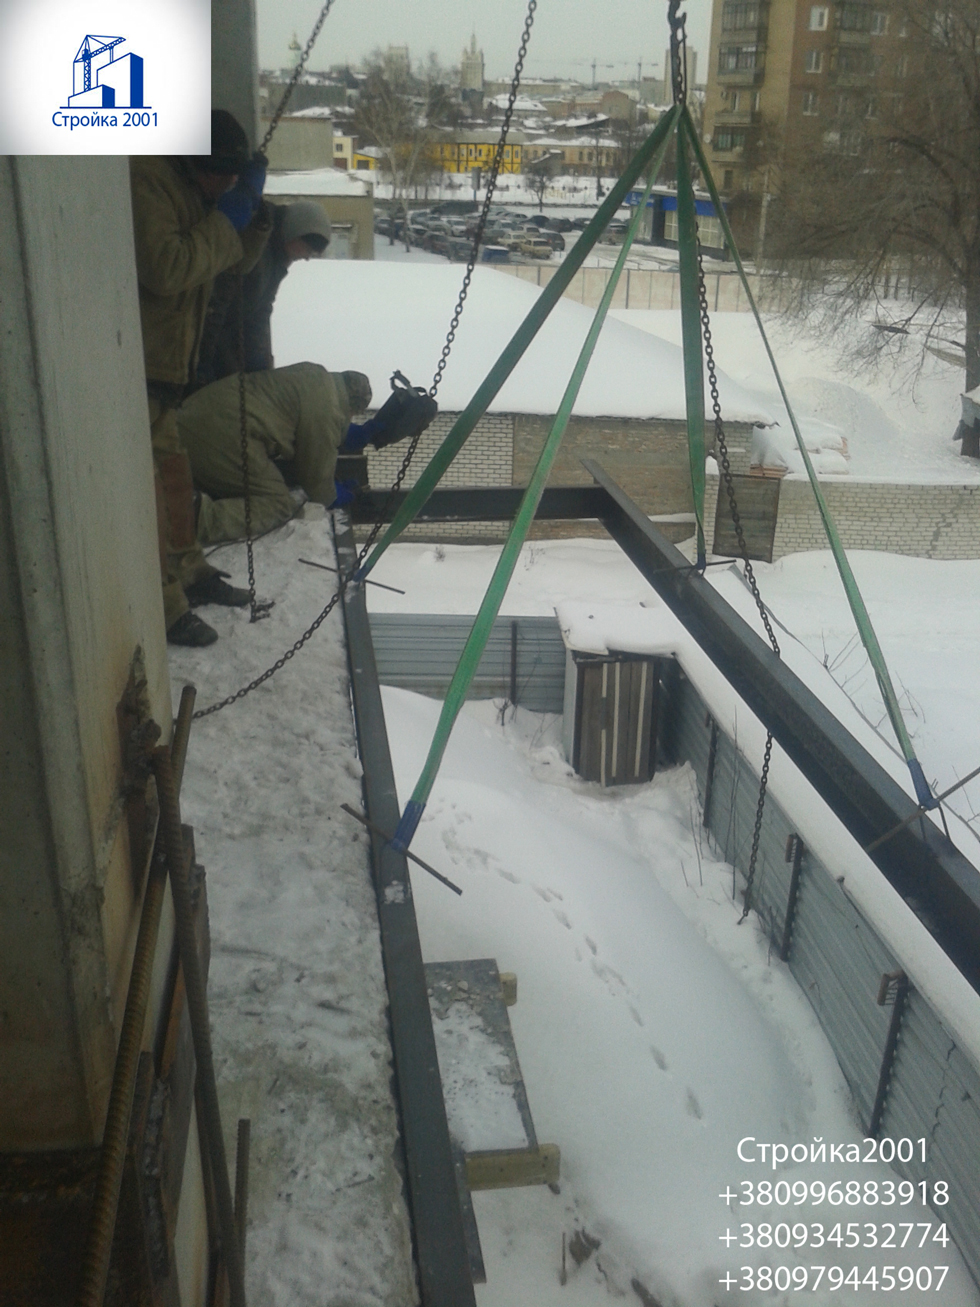 Расширение балкона Харьков. Балкон с выносом Харьков.